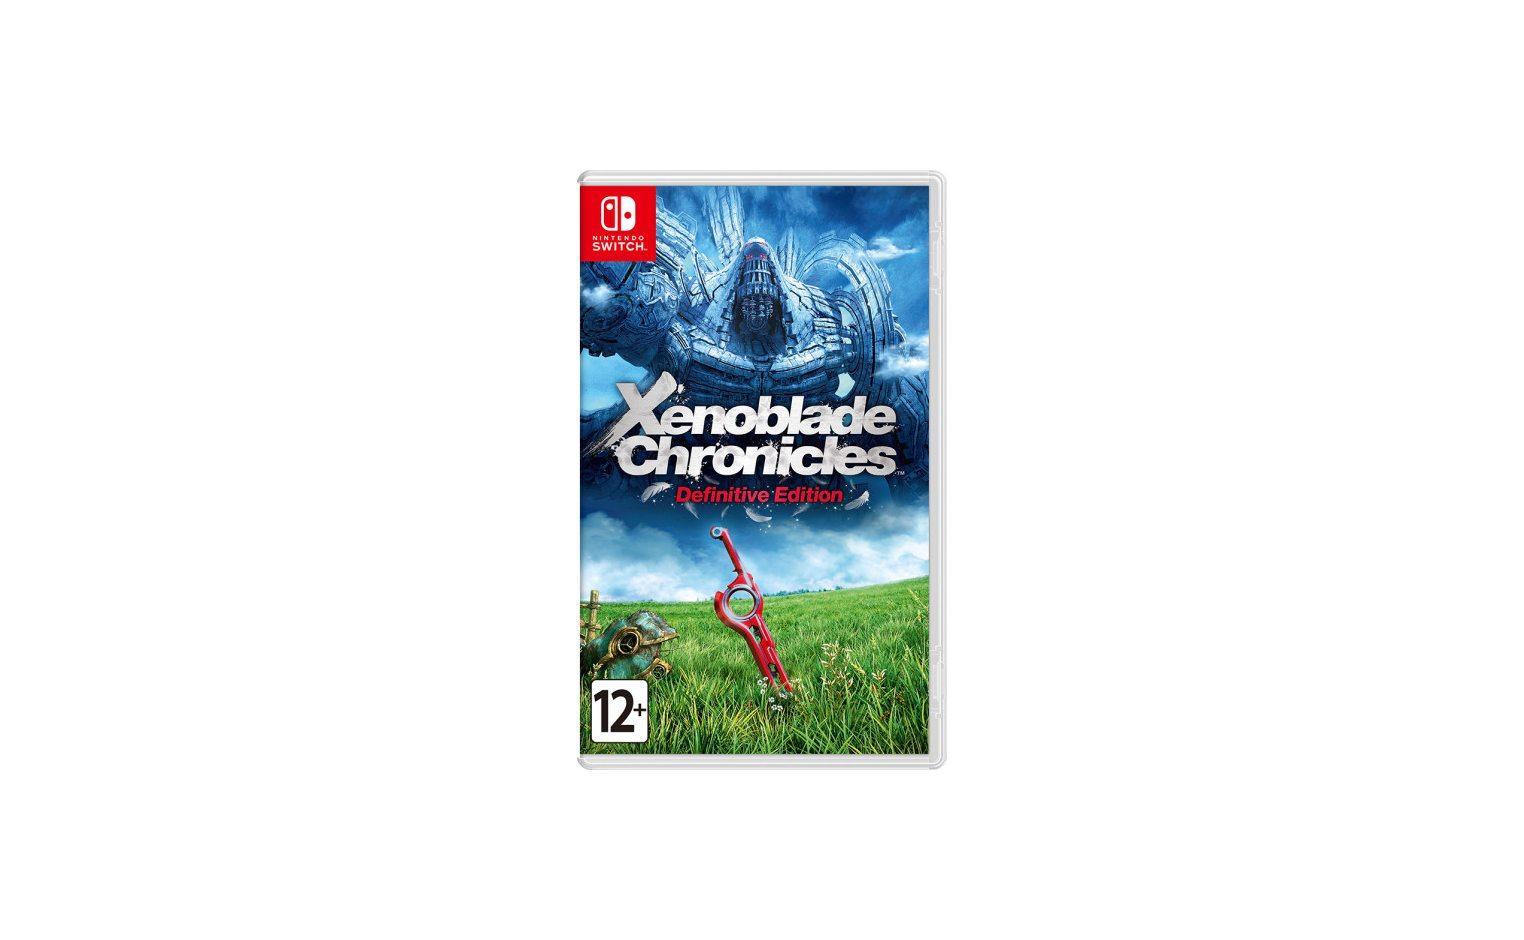 Nintendo Xenoblade Chronicles: Definitive Edition Nintendo